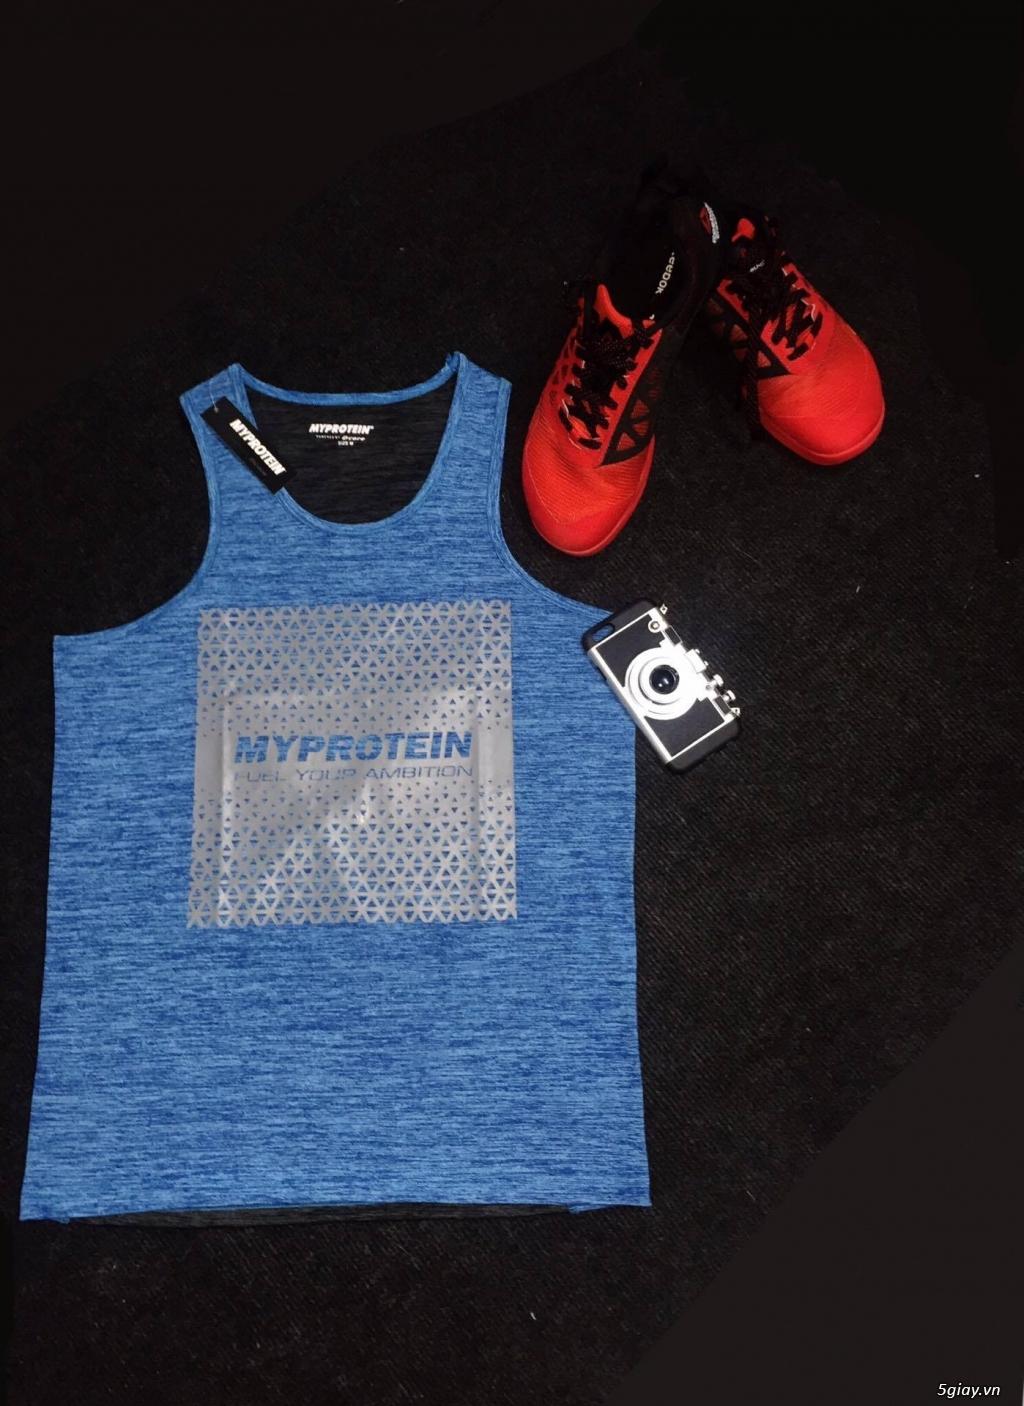 Bán quần áo Myprotein, chuyên về tập gym, chơi thể thao, đi chơi đều được... - 7